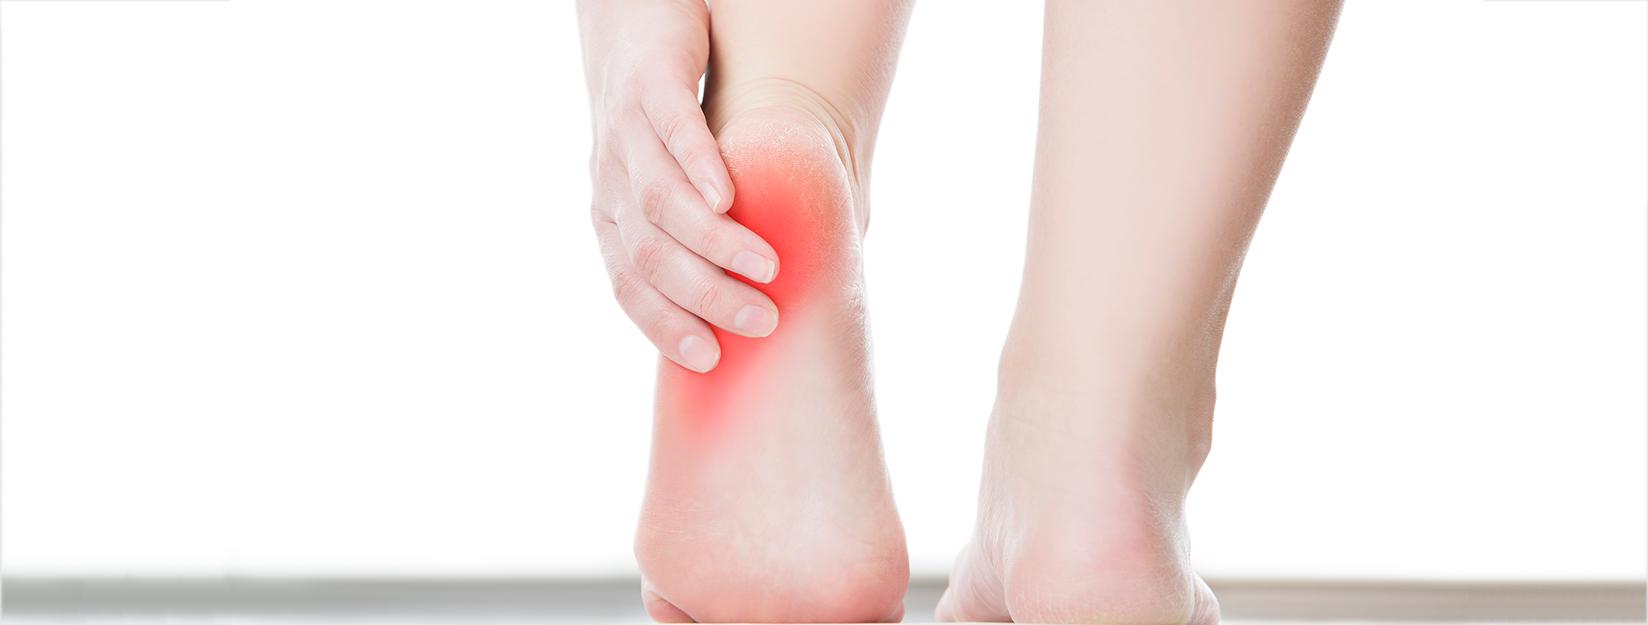 dolor fuerte en el talon al andar